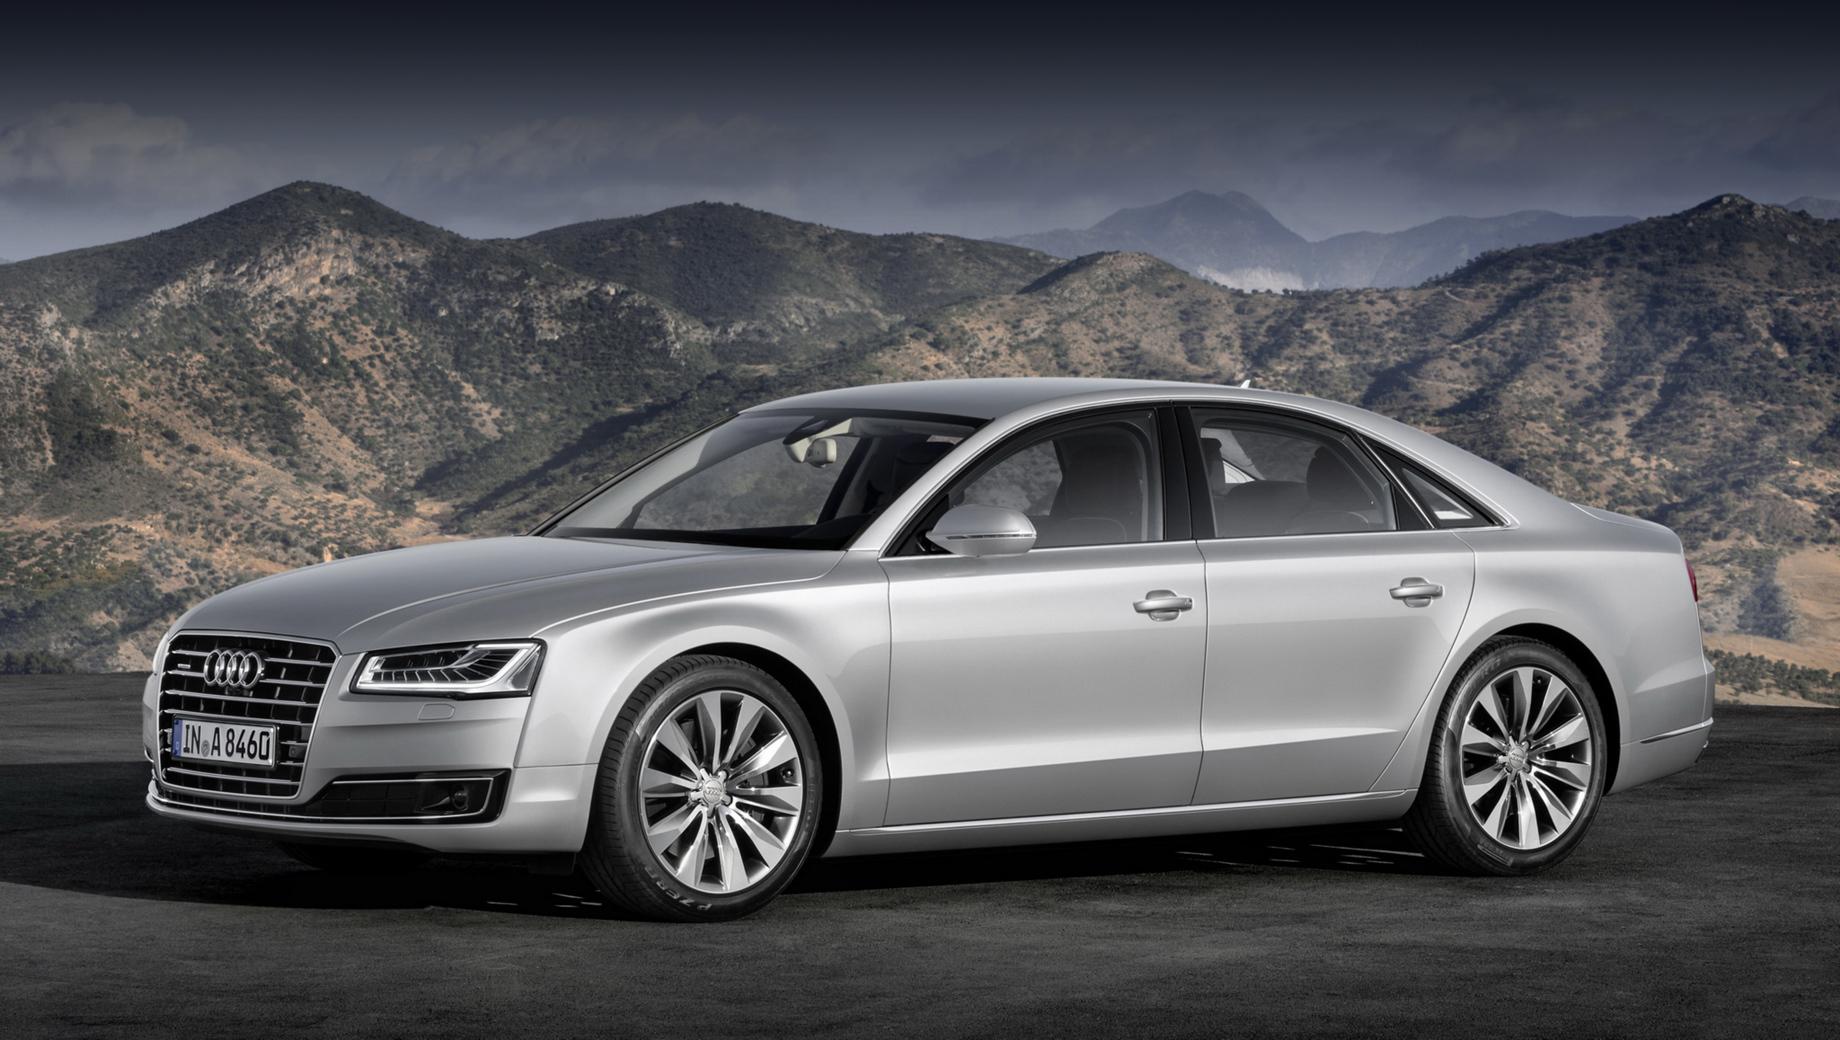 У старых Audi A8 будет отремонтирован уплотнитель